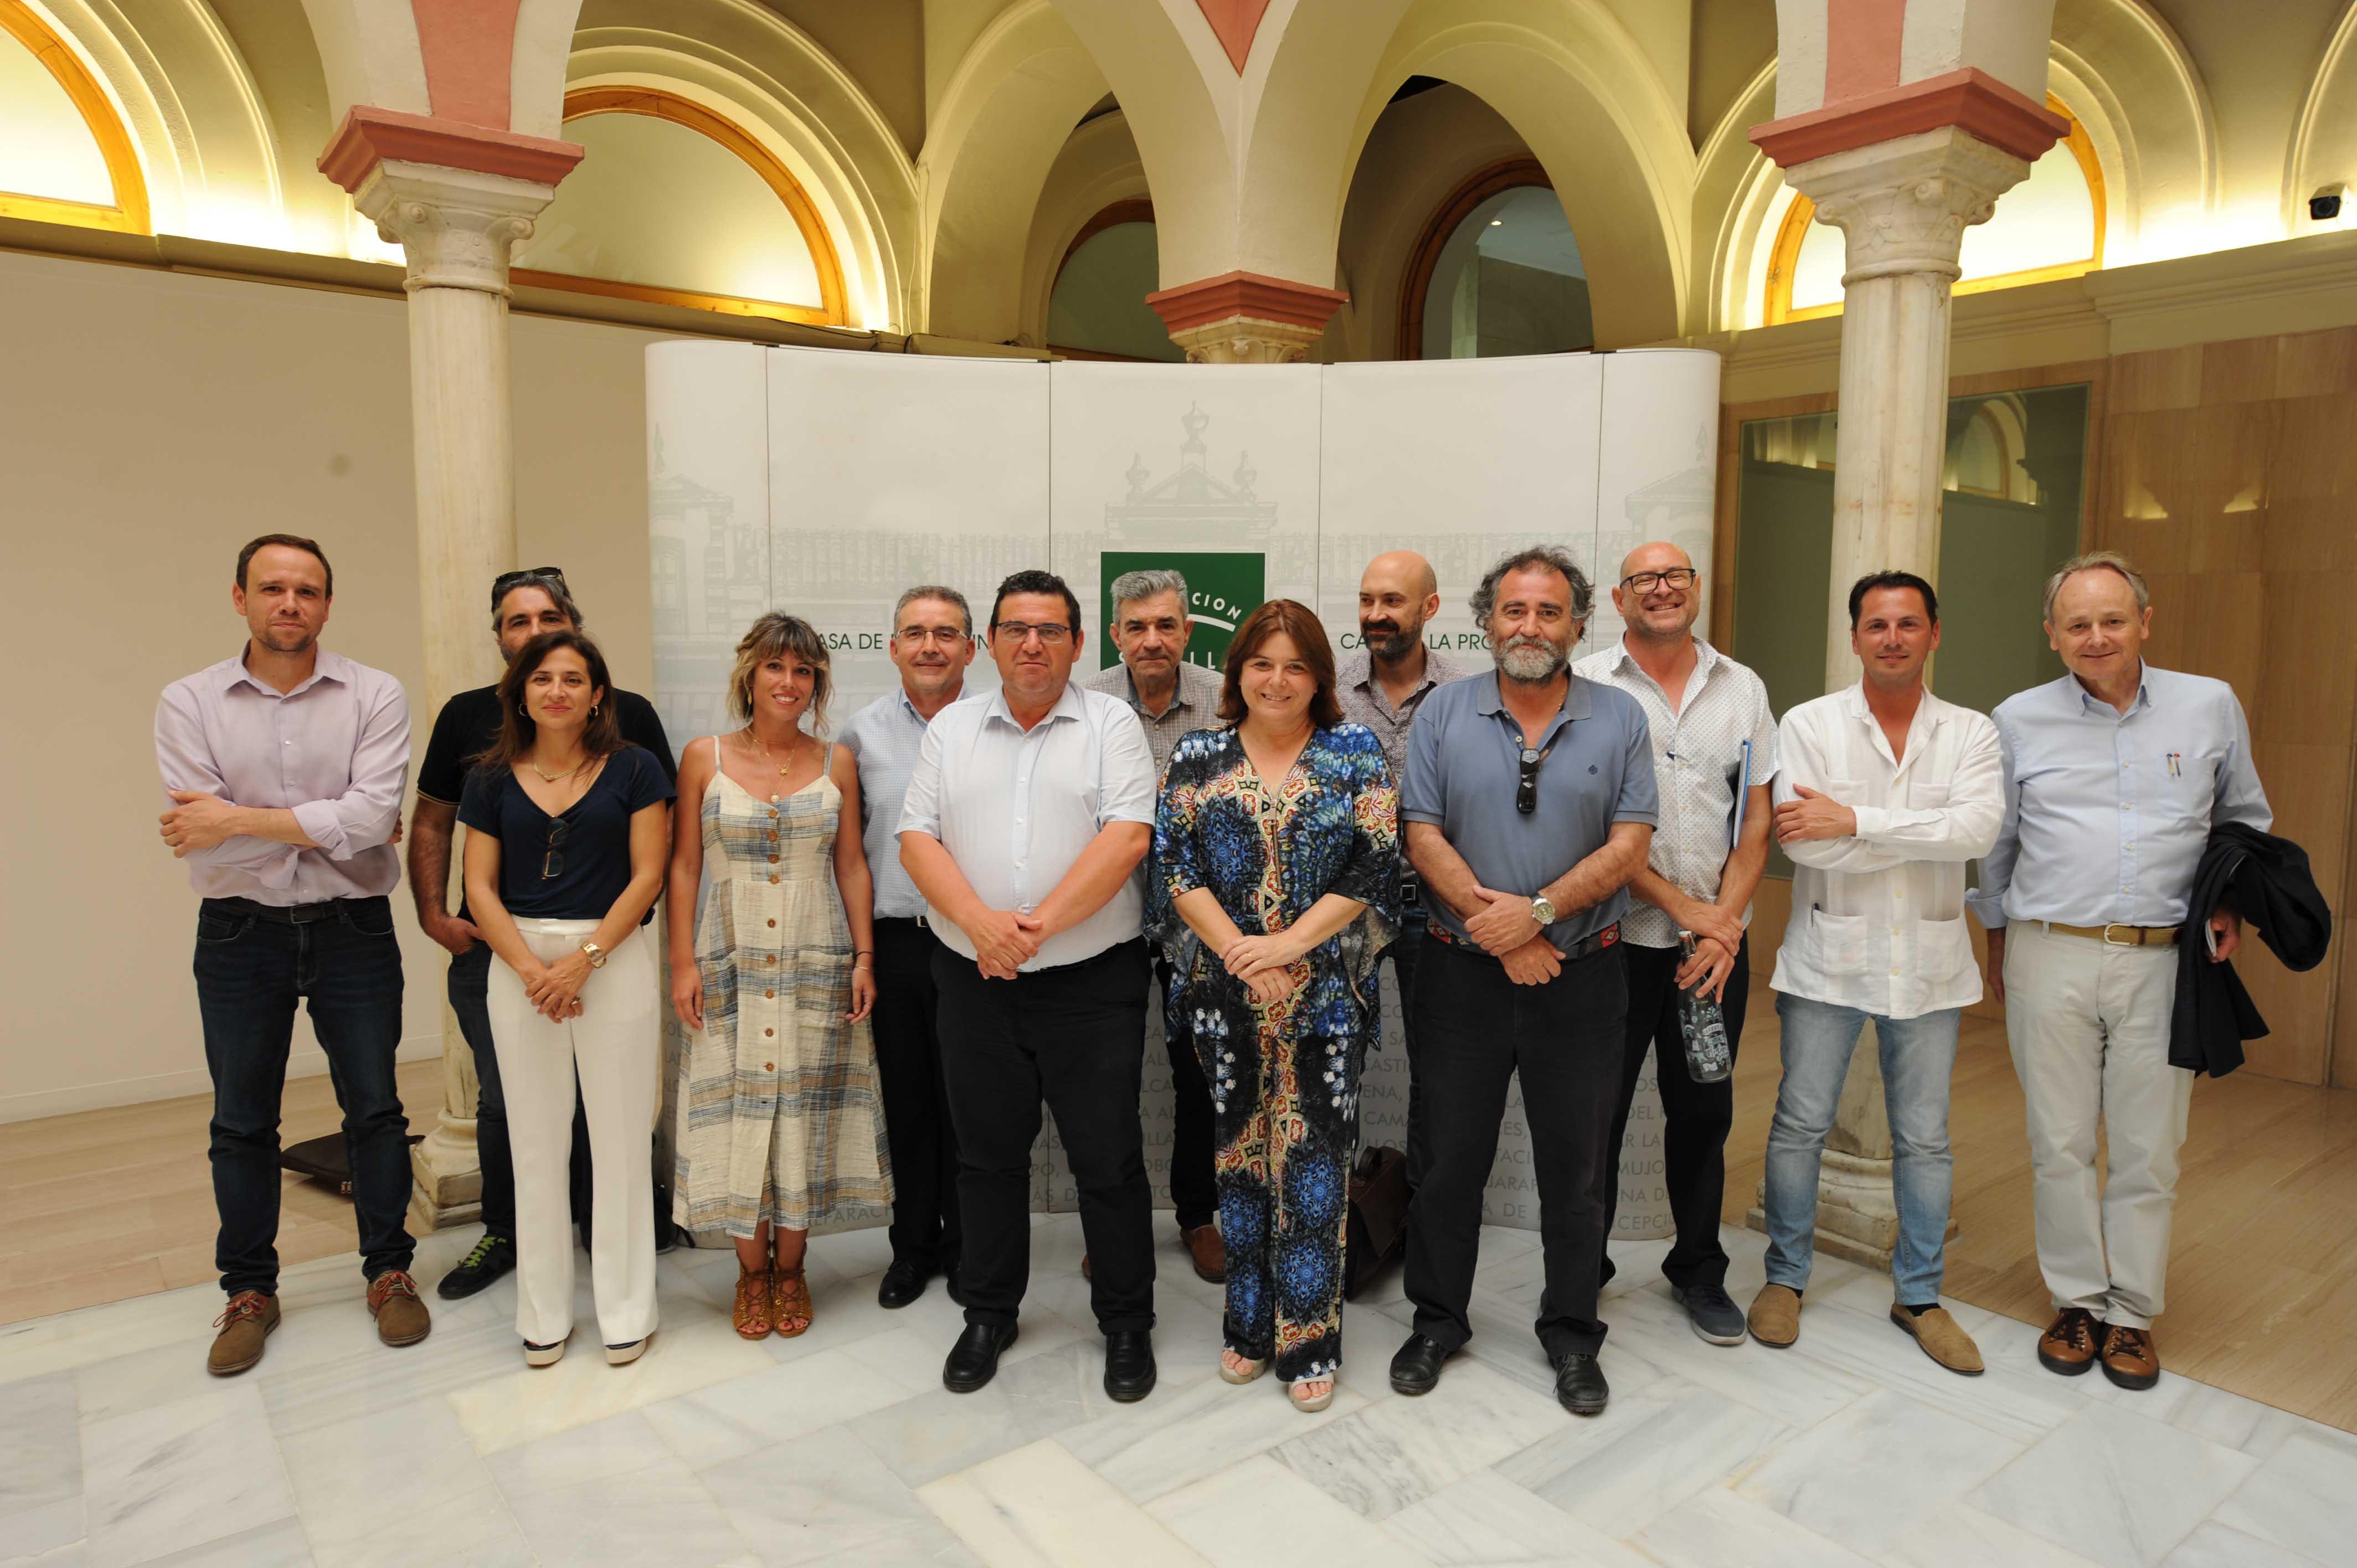 La Asamblea General de AEOPAS aprueba el plan de acción de la entidad en una sesión celebrada en la Casa de la Provincia